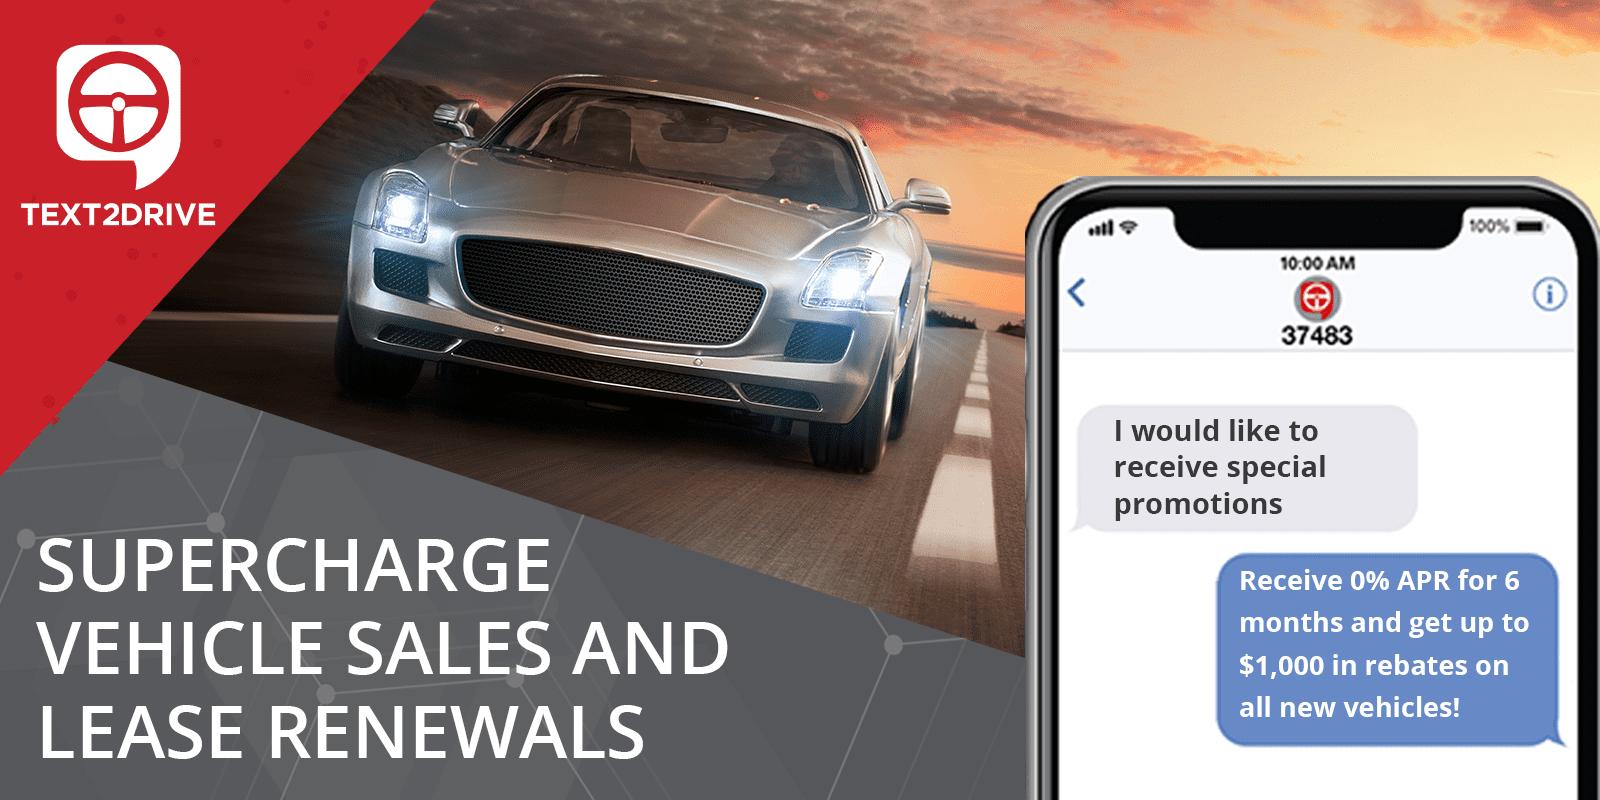 Supercargue las ventas de vehículos y las renovaciones de arrendamientos